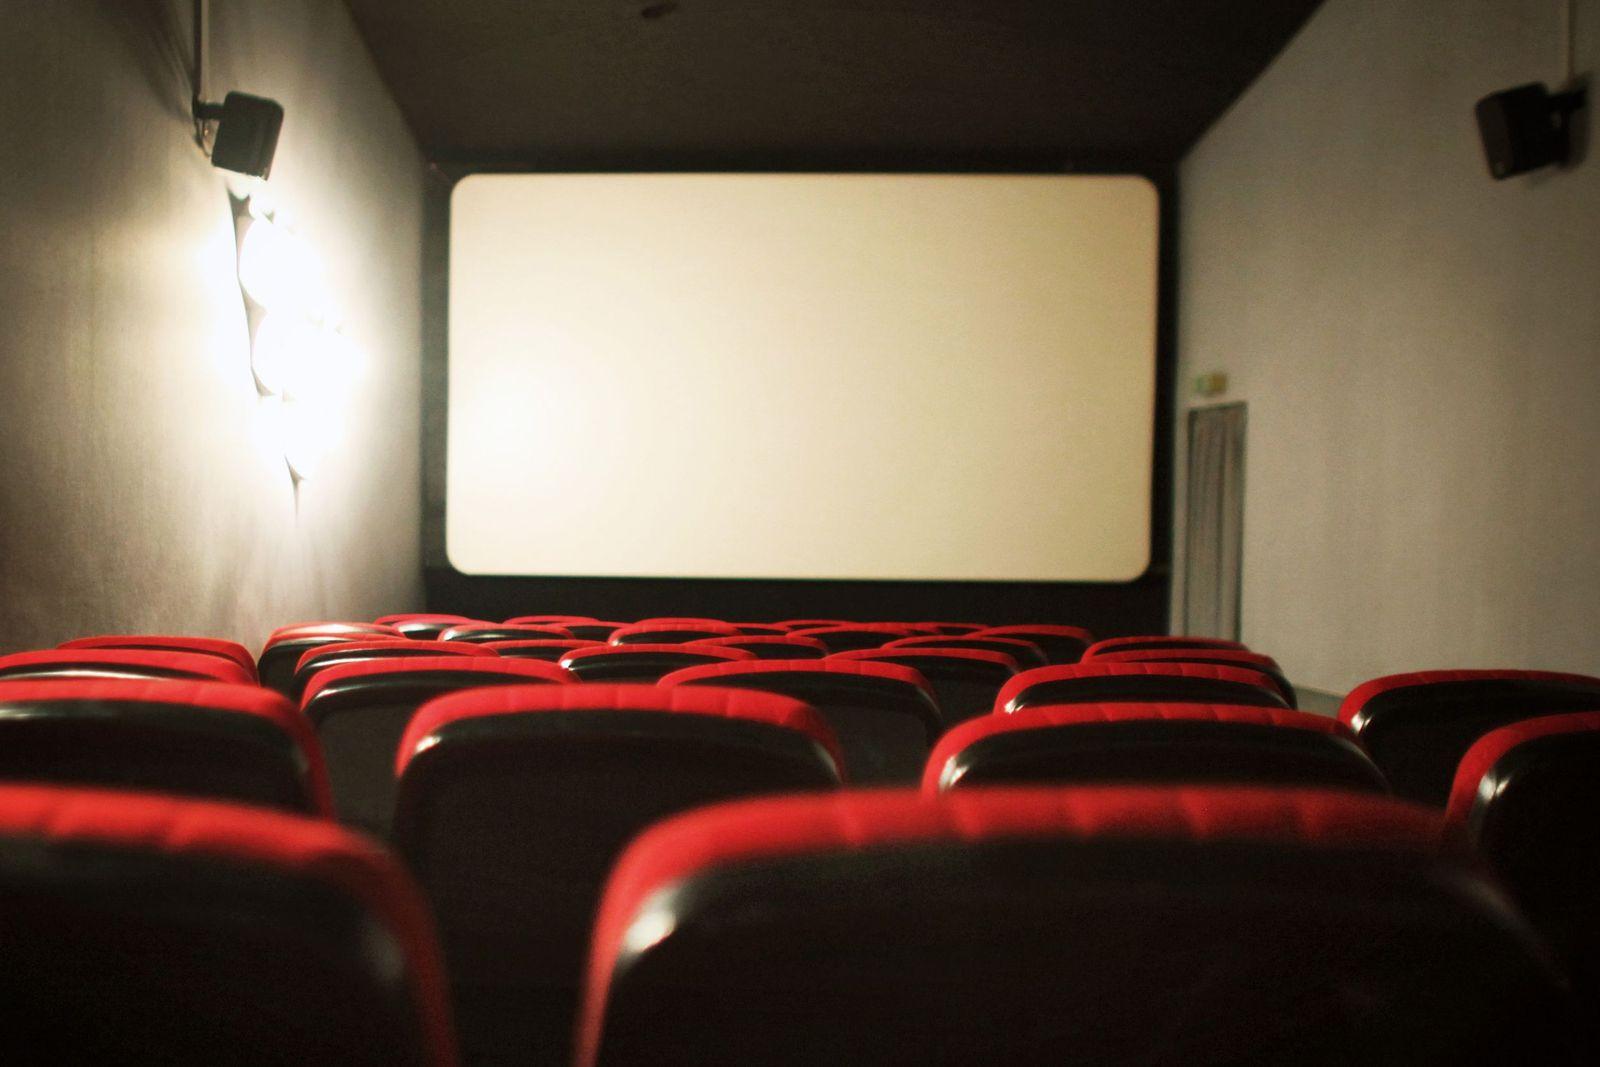 Programmkino( Kino